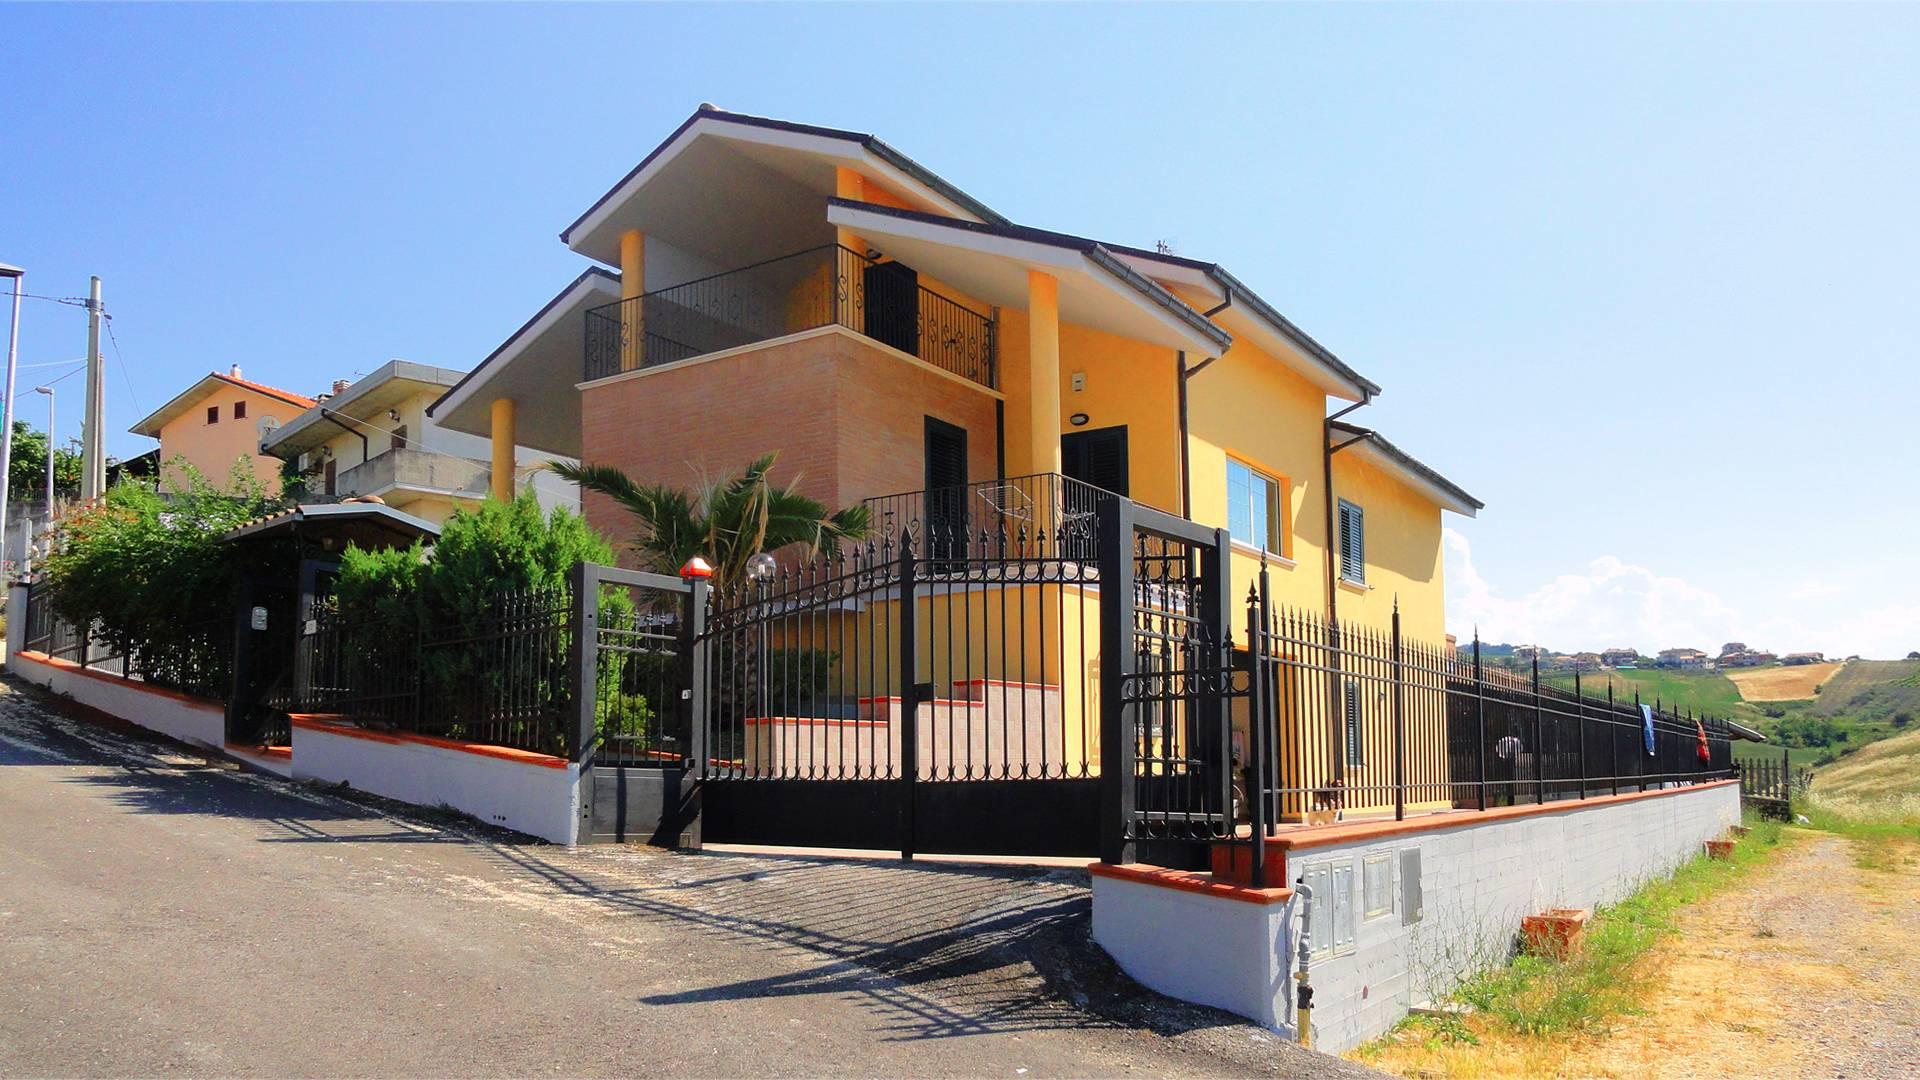 Villa in vendita a Castellalto, 11 locali, zona Zona: Campogrande, prezzo € 249.000 | CambioCasa.it